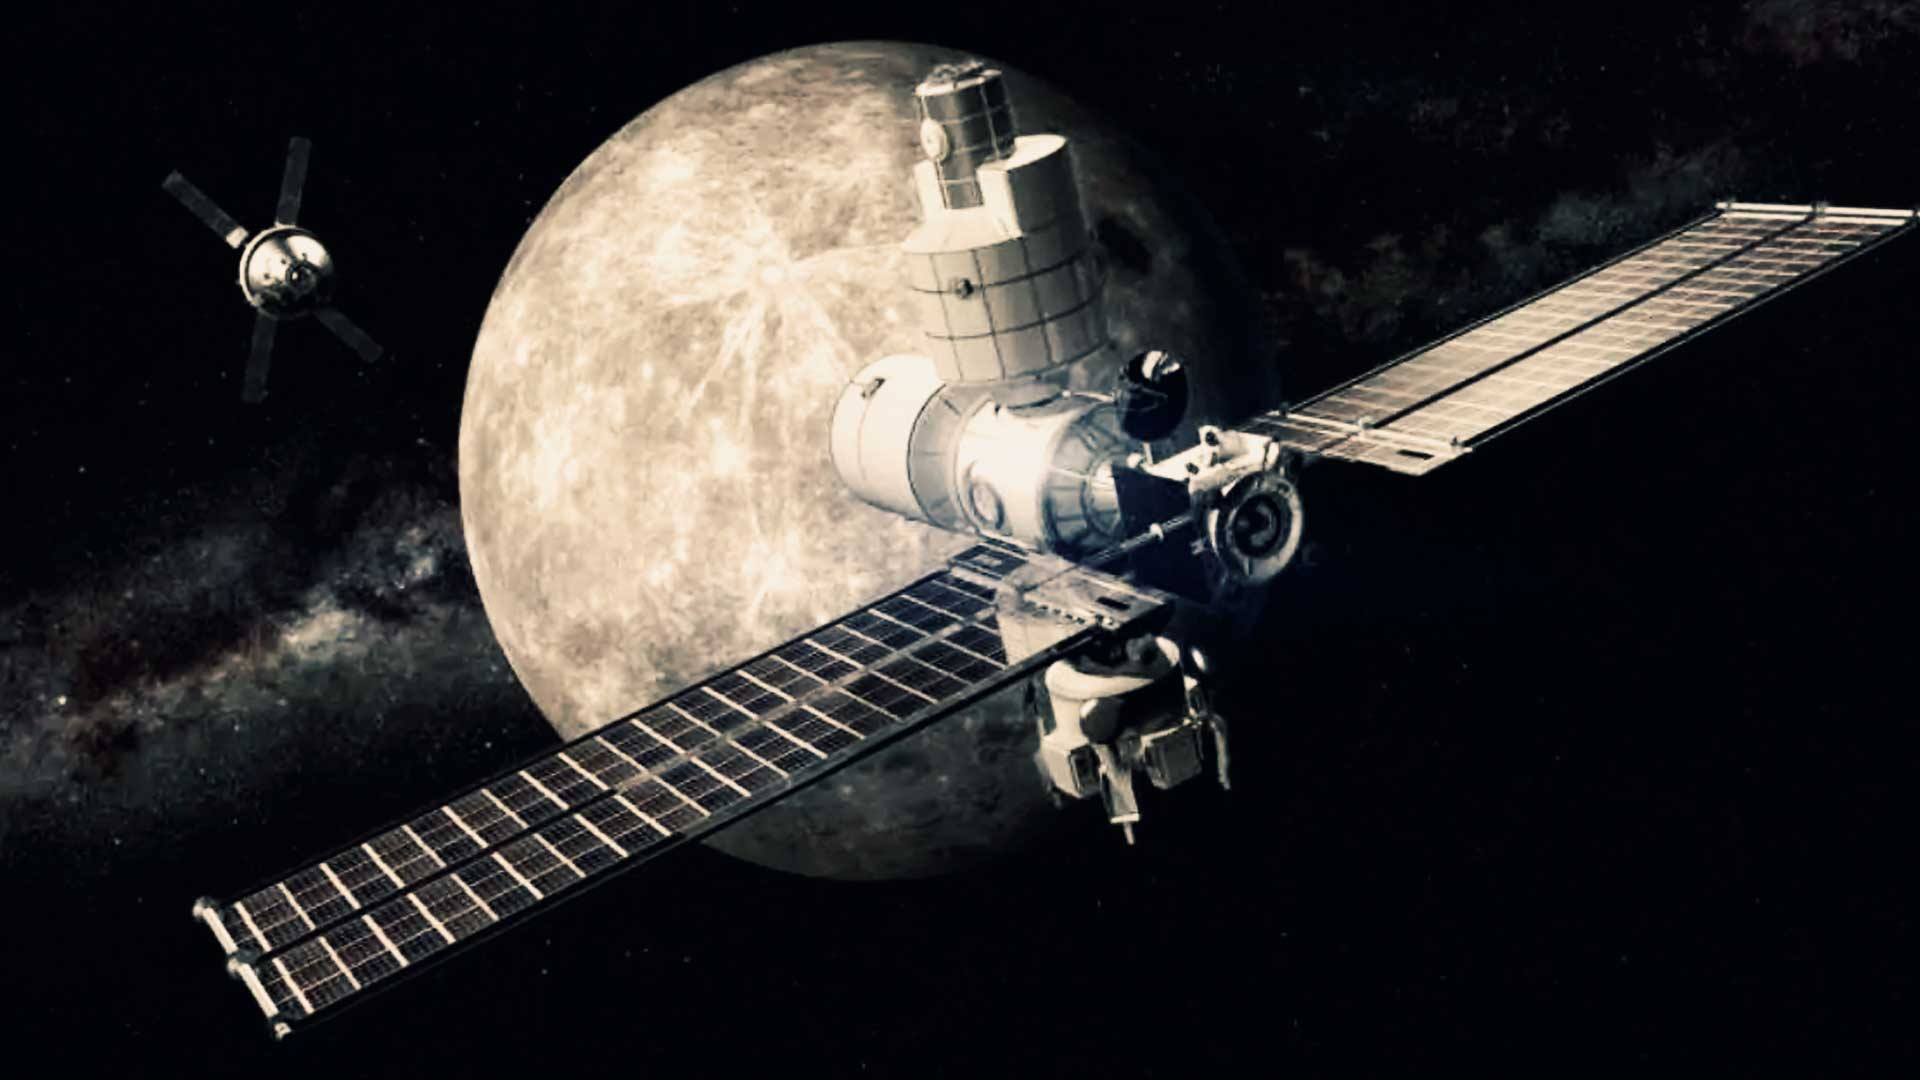 Acaba de ingresar a la órbita lunar, la nave espacial China que pretende explorar el lado oscuro de la Luna